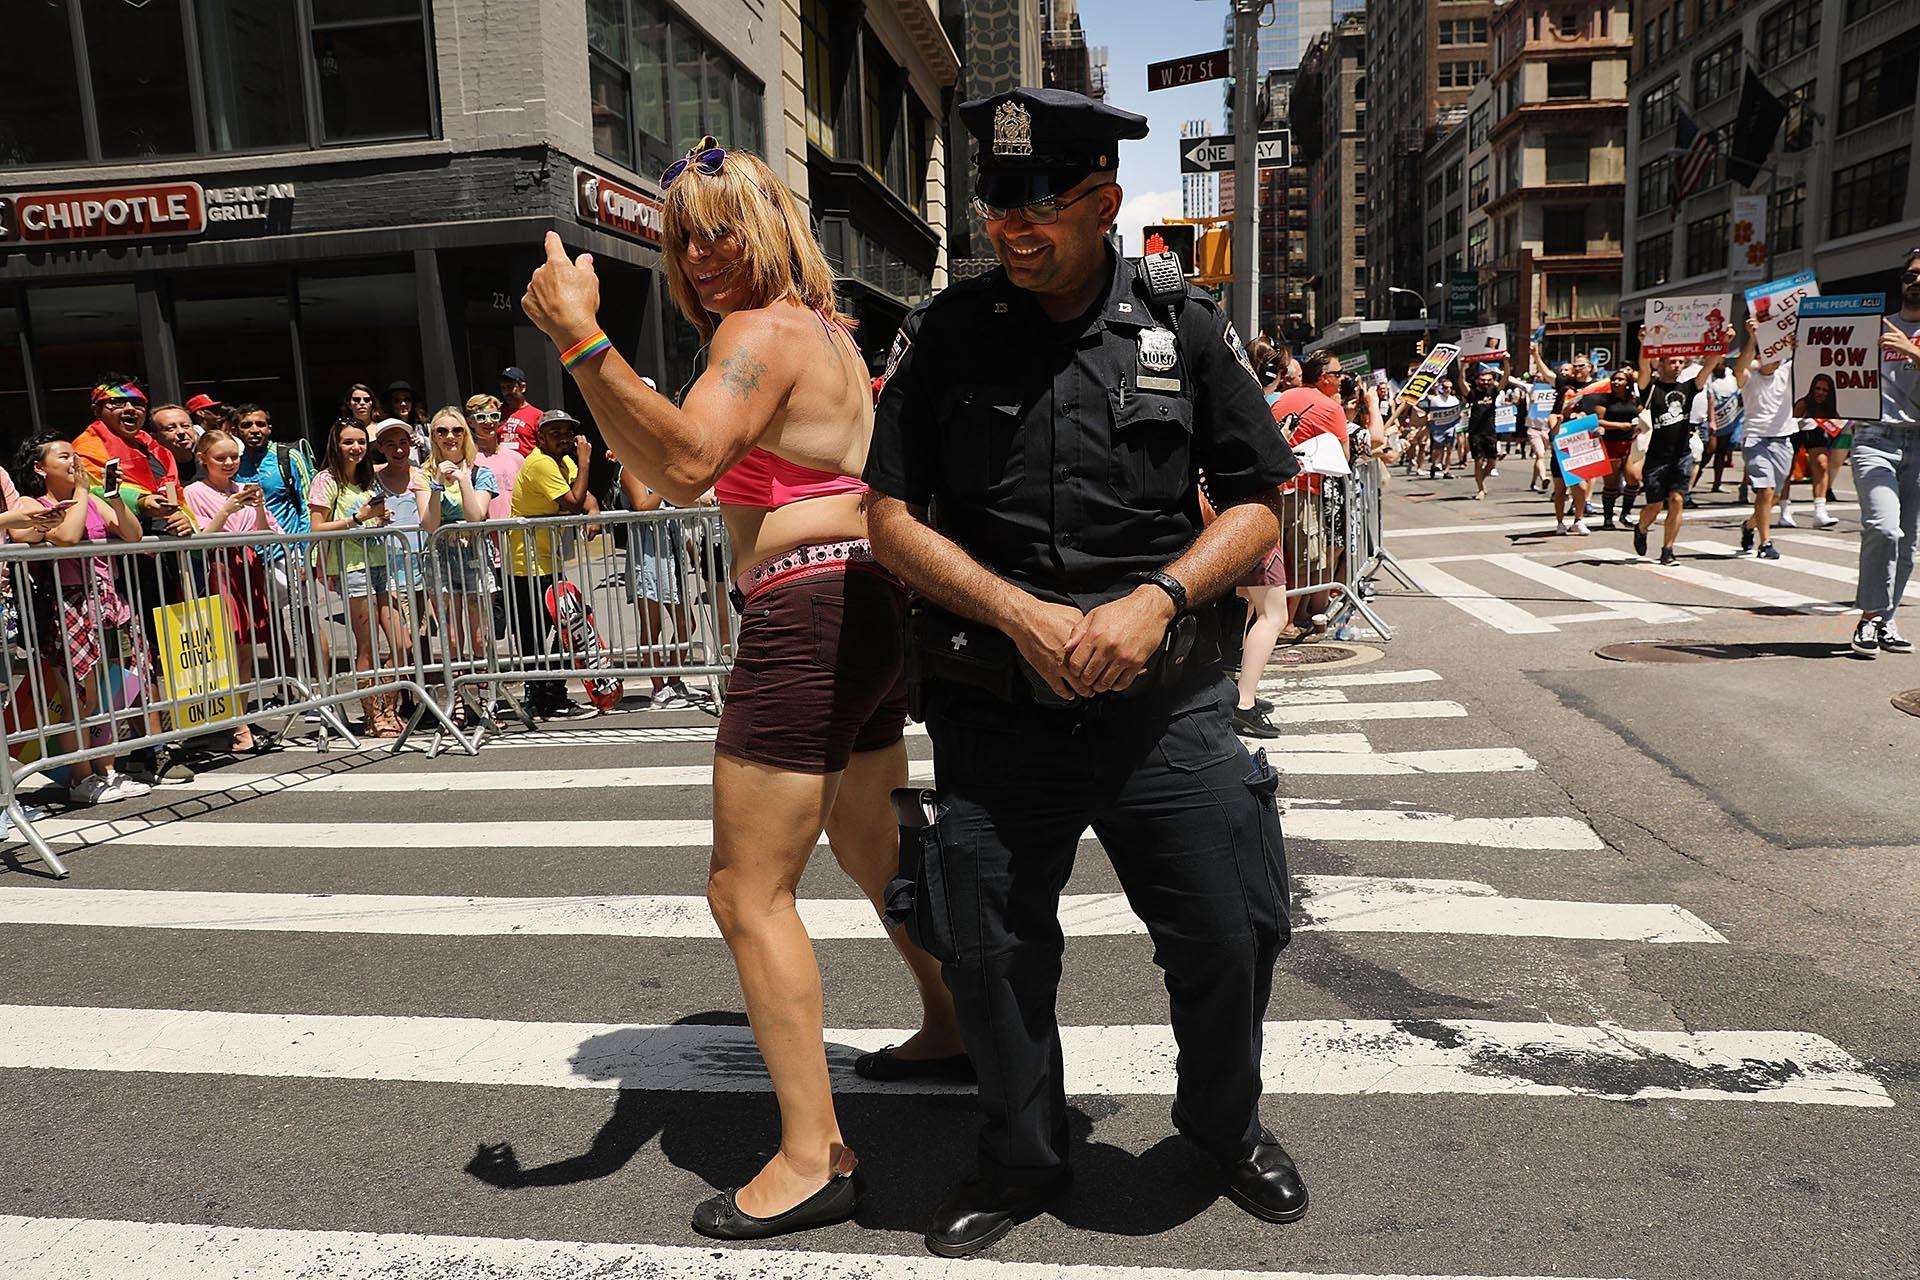 Un oficial de policía baila con un manifestante en el desfile del 25 de junio de 2017 en la Quinta Avenida de Manhattan